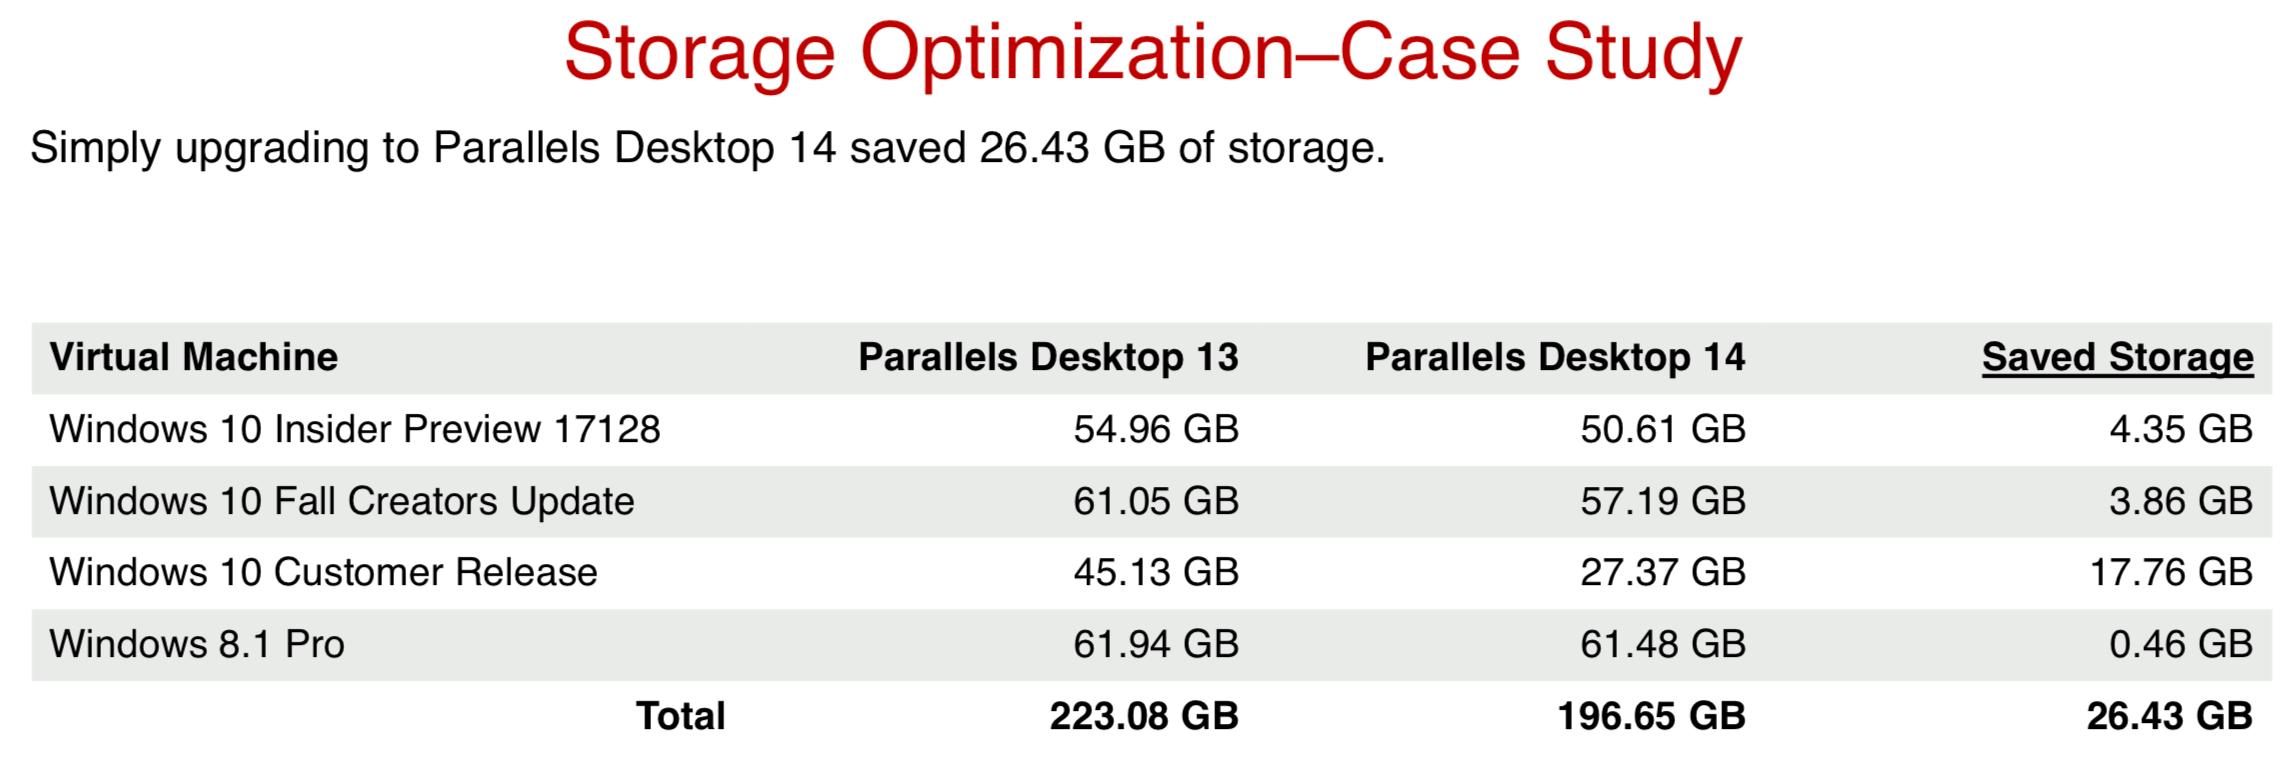 Otimização de armazenamento do Parallels Desktop 14